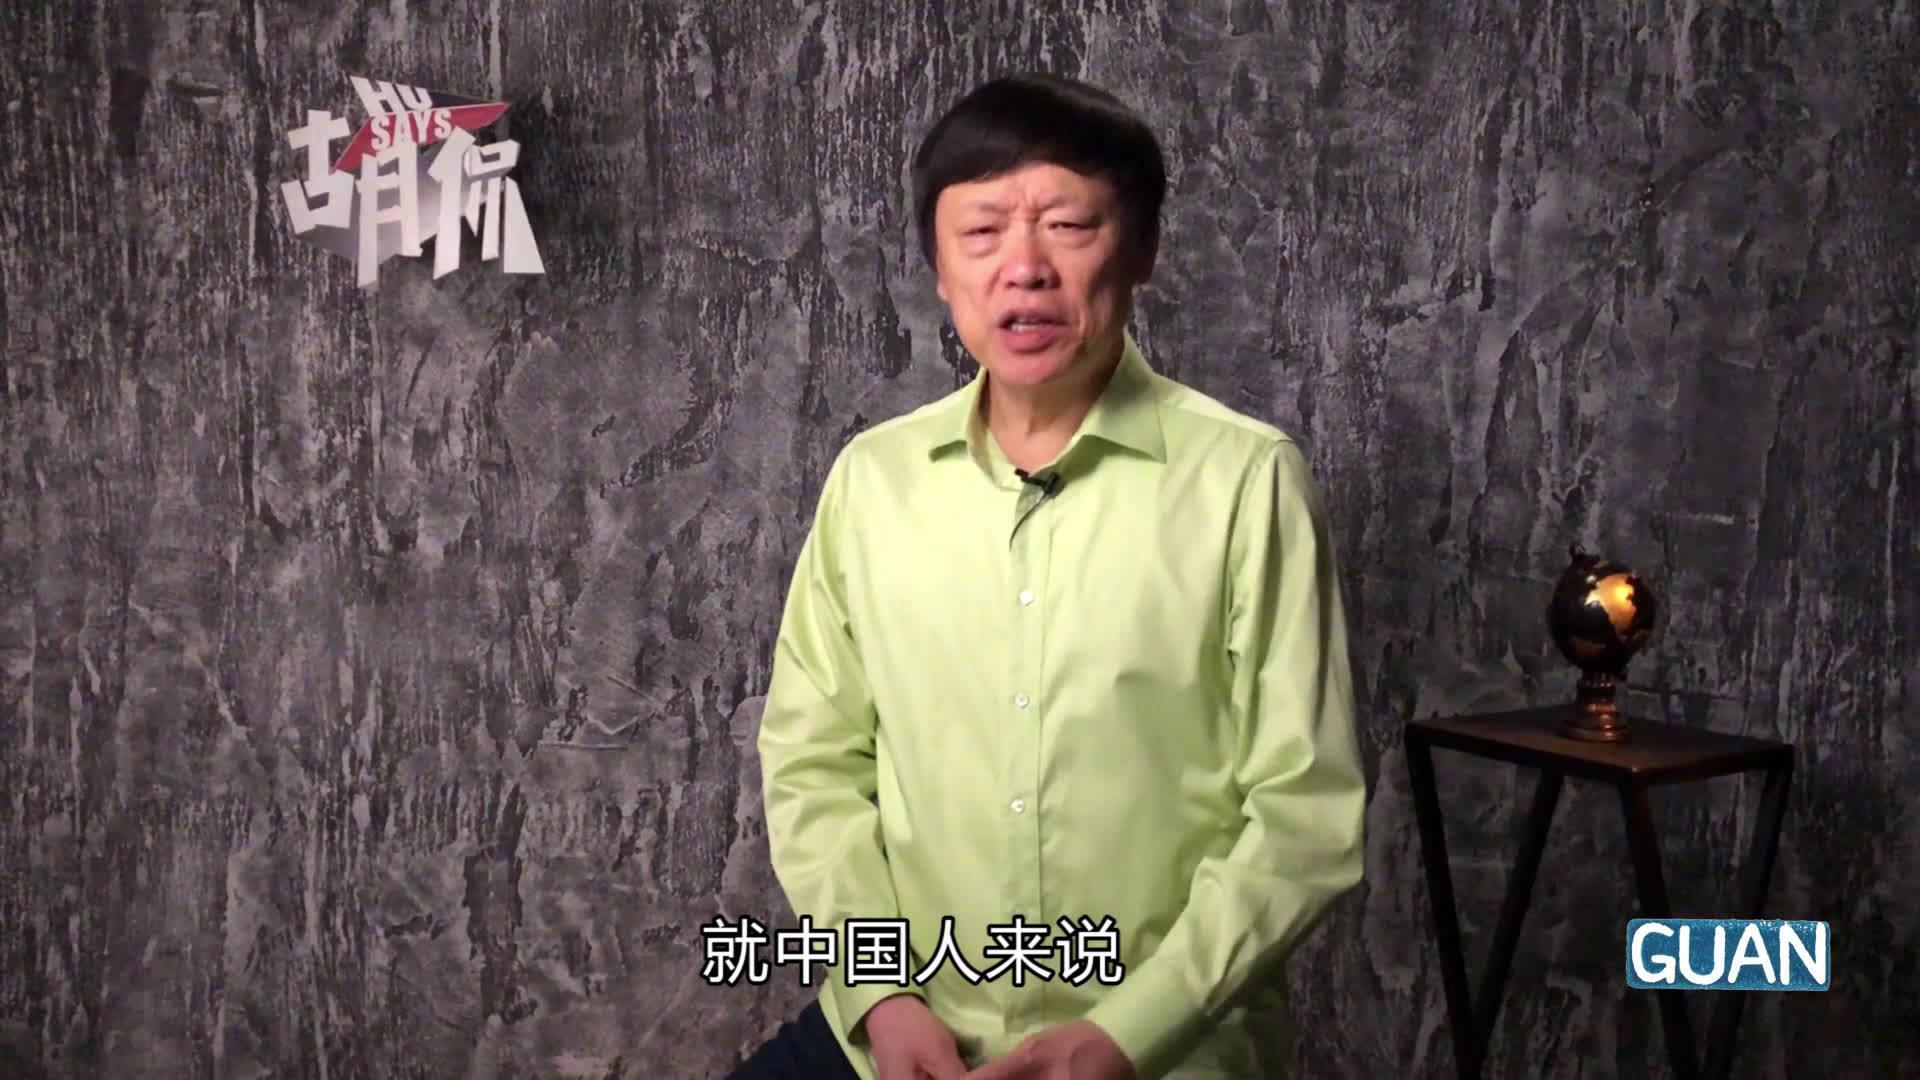 韩国青瓦台25日驳回了反对党要政府全面禁止中国人入境的诉求